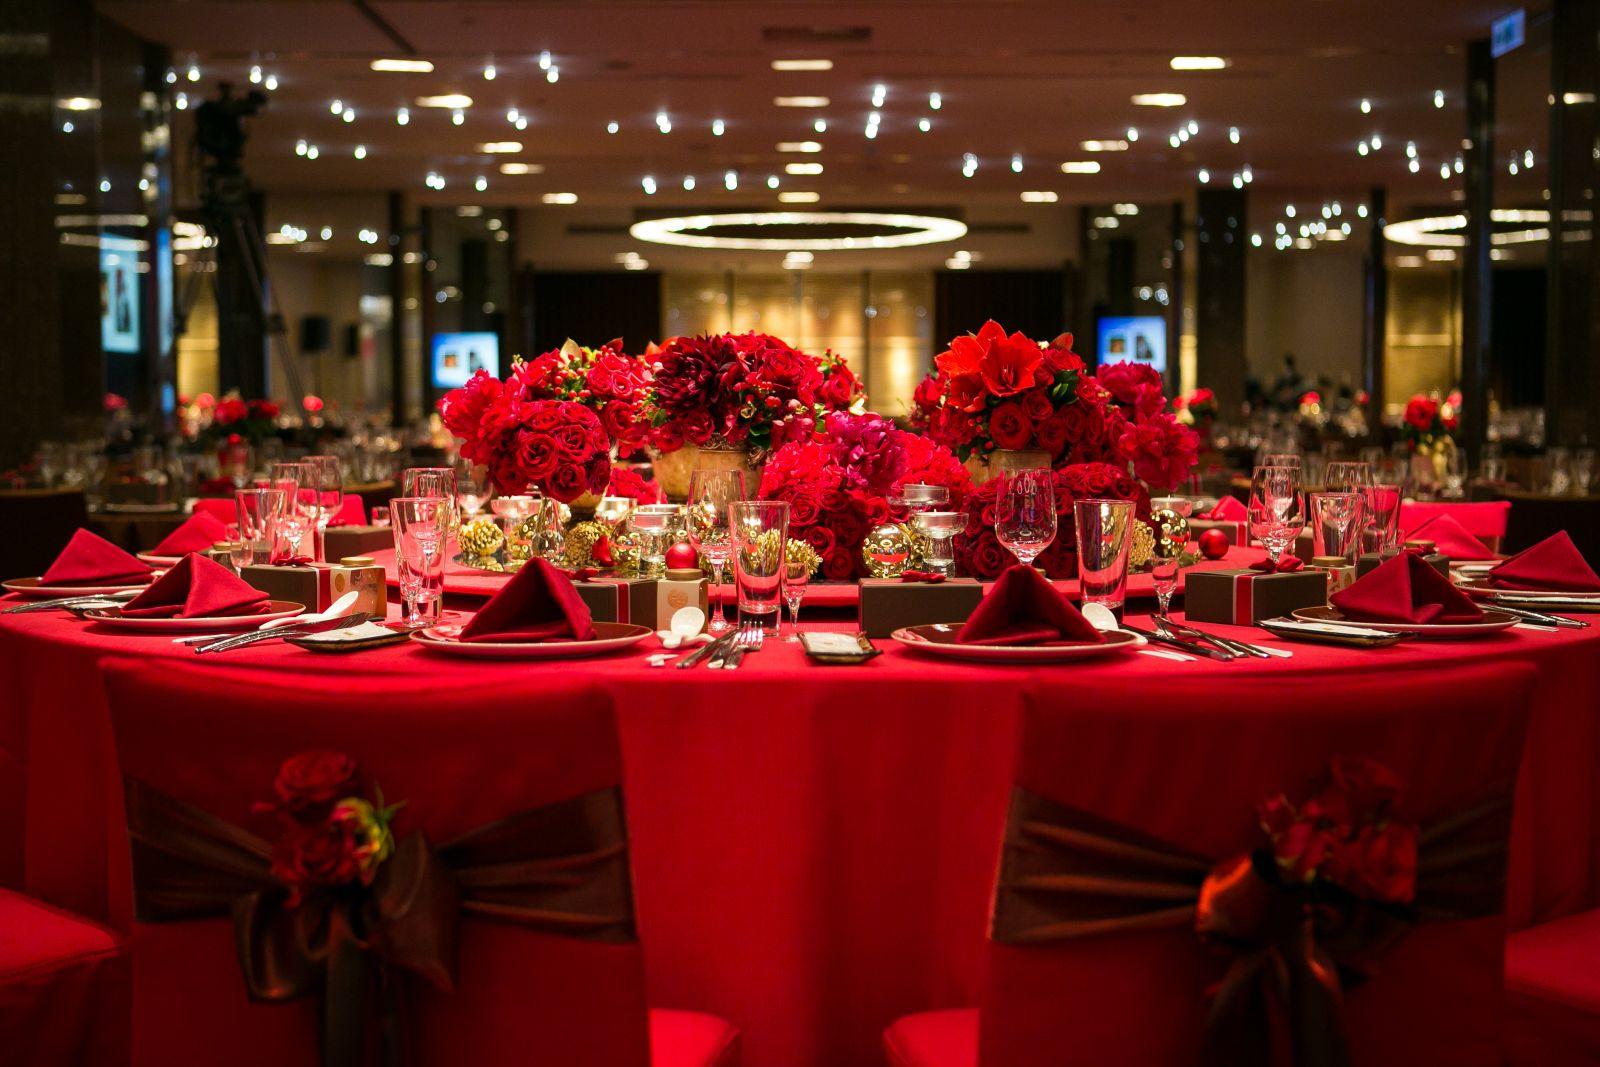 【2020婚宴專案】零負擔的五星飯店婚禮 國賓幸福價每桌16,800元起